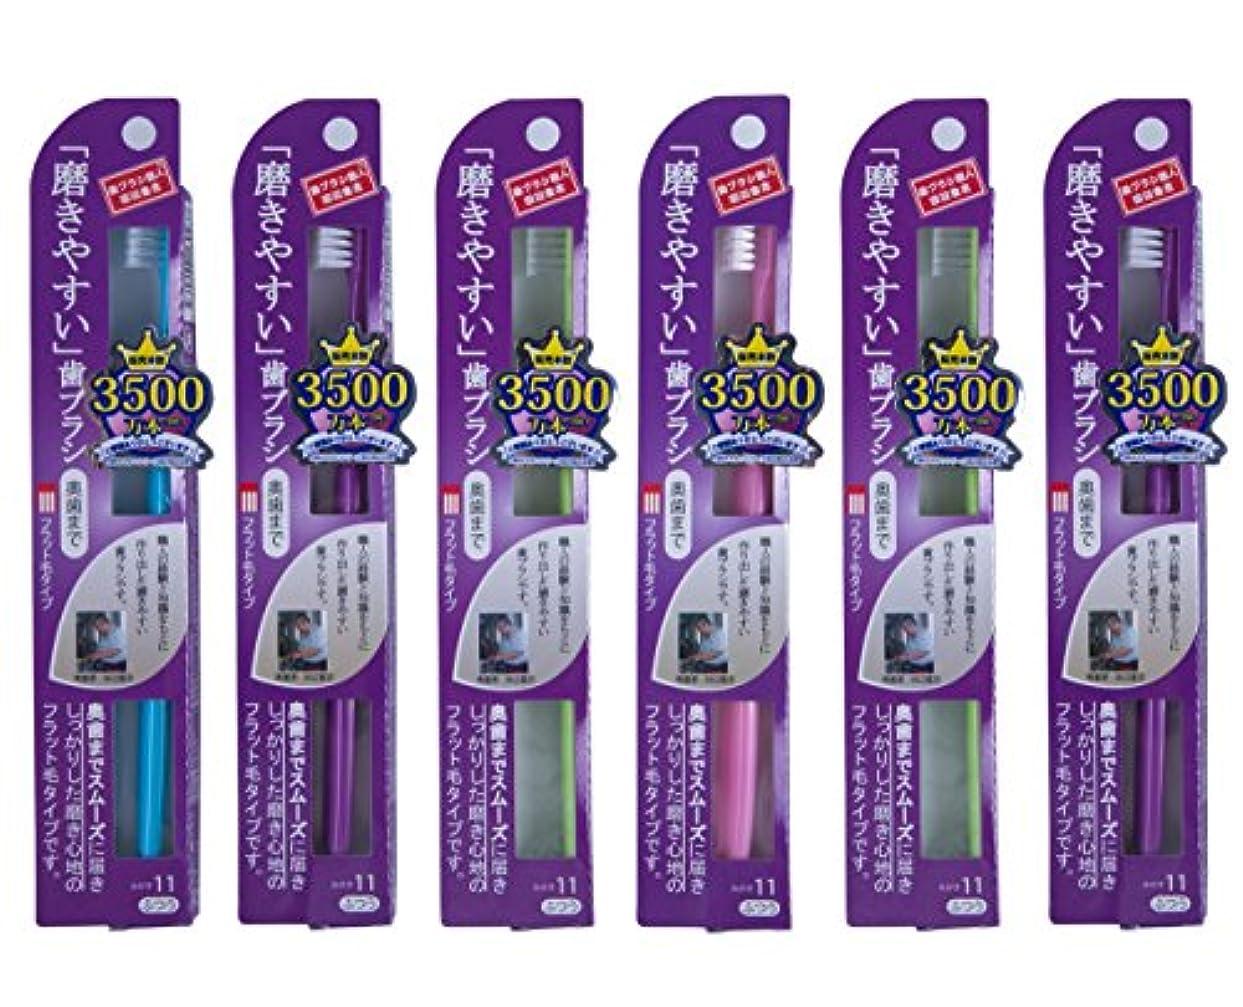 調和郵便屋さんその歯ブラシ職人田辺重吉 磨きやすい歯ブラシ LT-11 (6本パック)